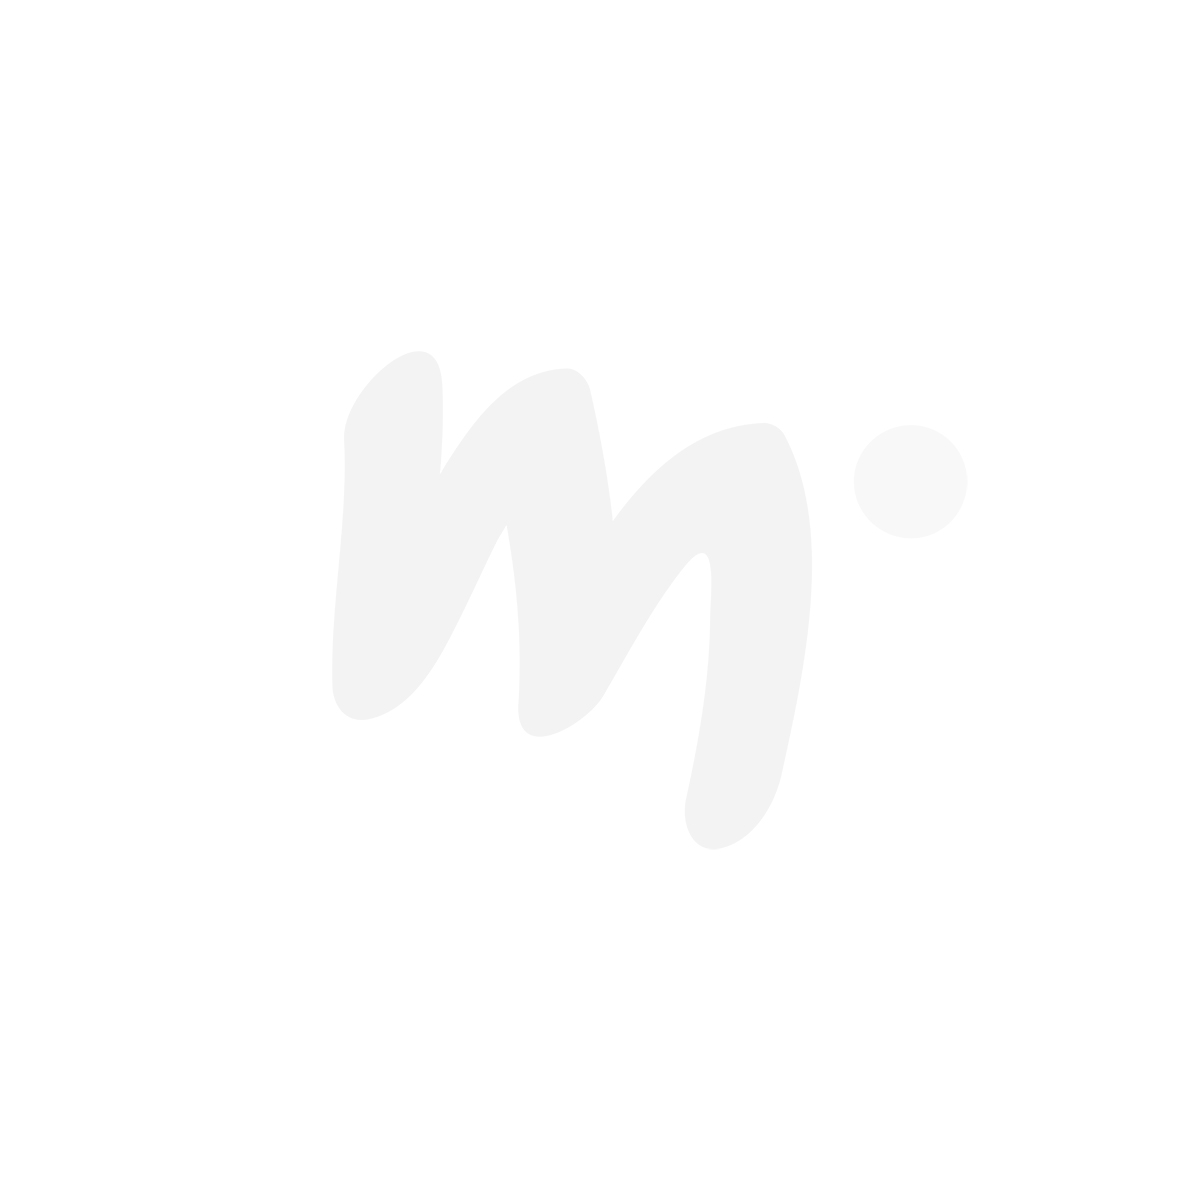 Peppi Pitkätossu Huvikummussa-pyjama valkoinen